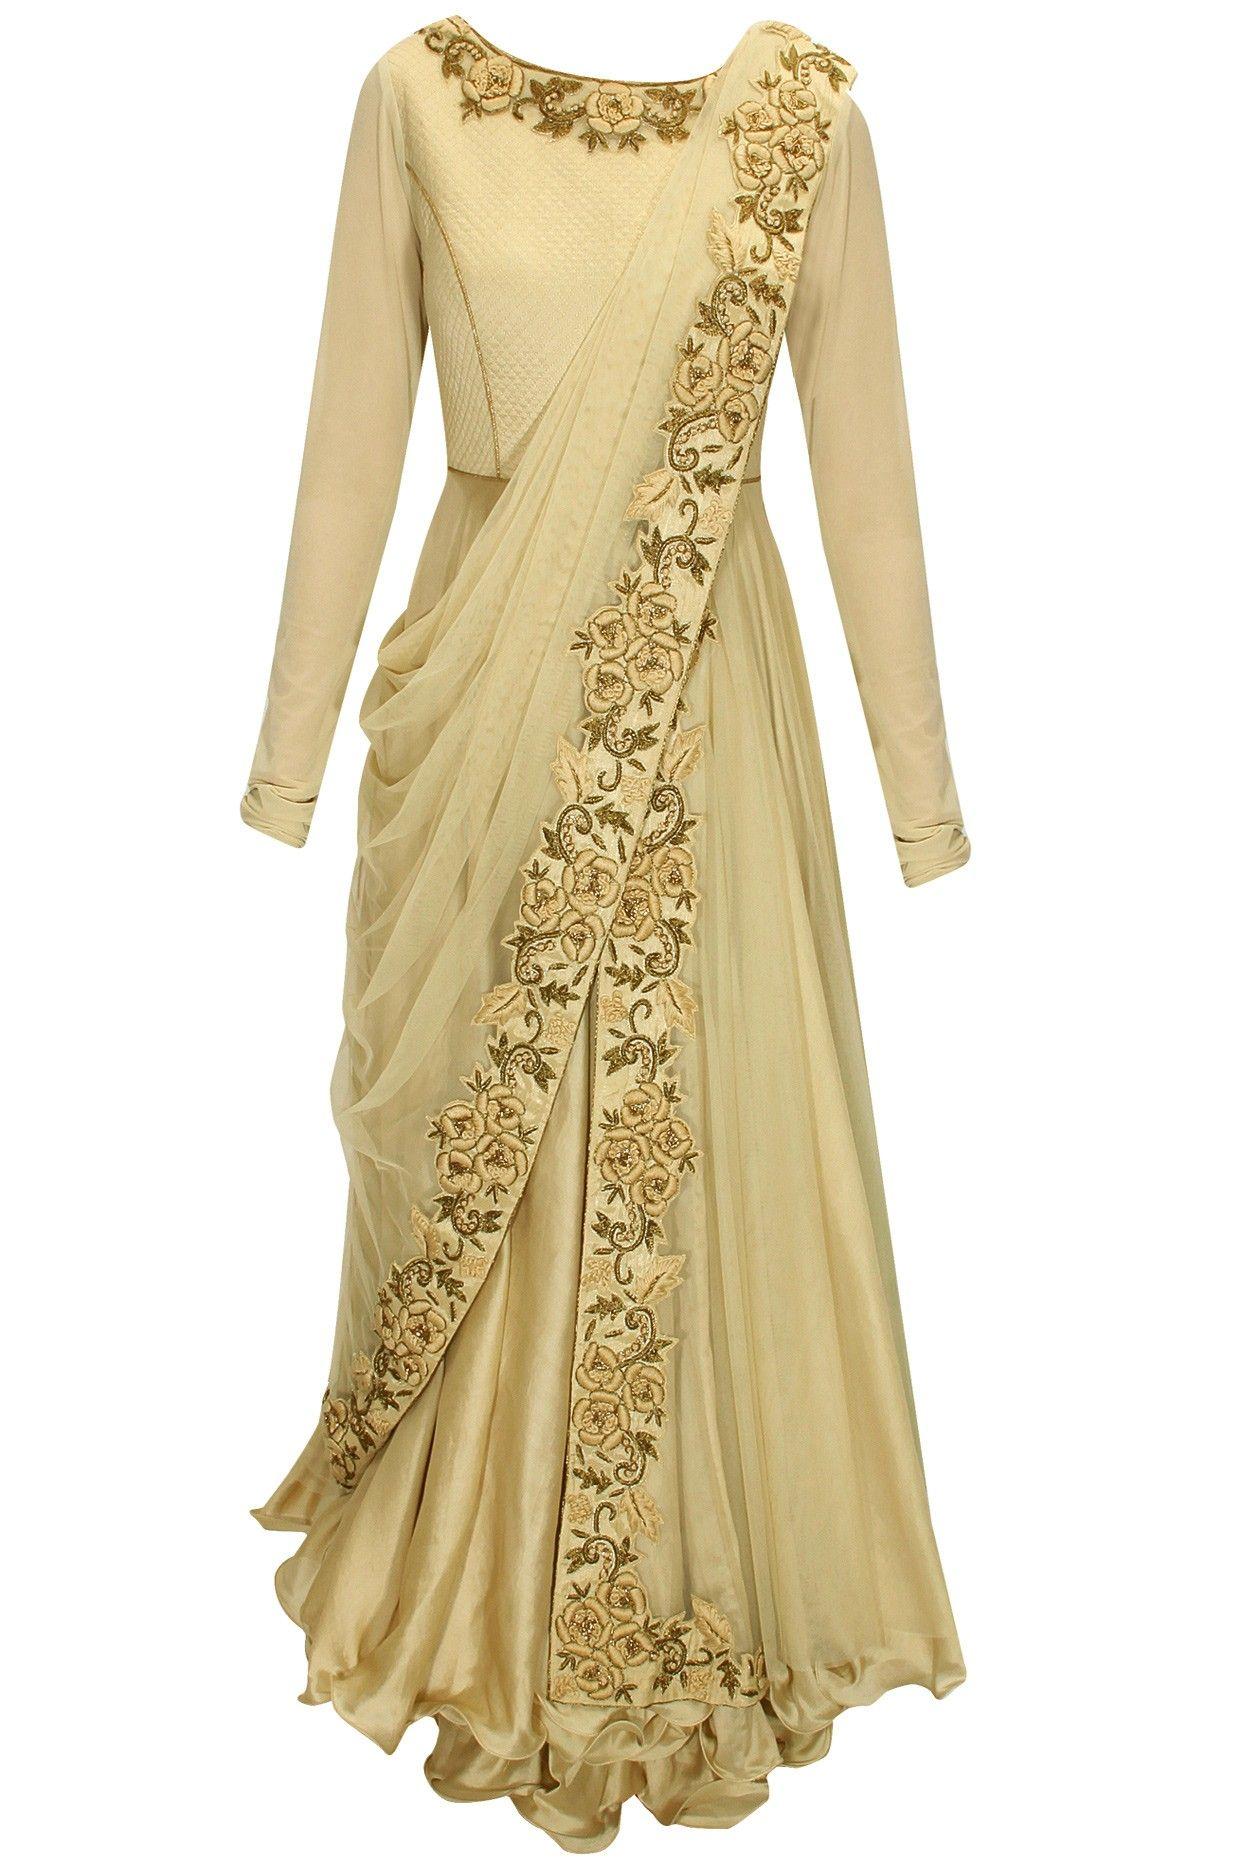 J by Jannat | Saree | Pinterest | Pakistanische kleider ...